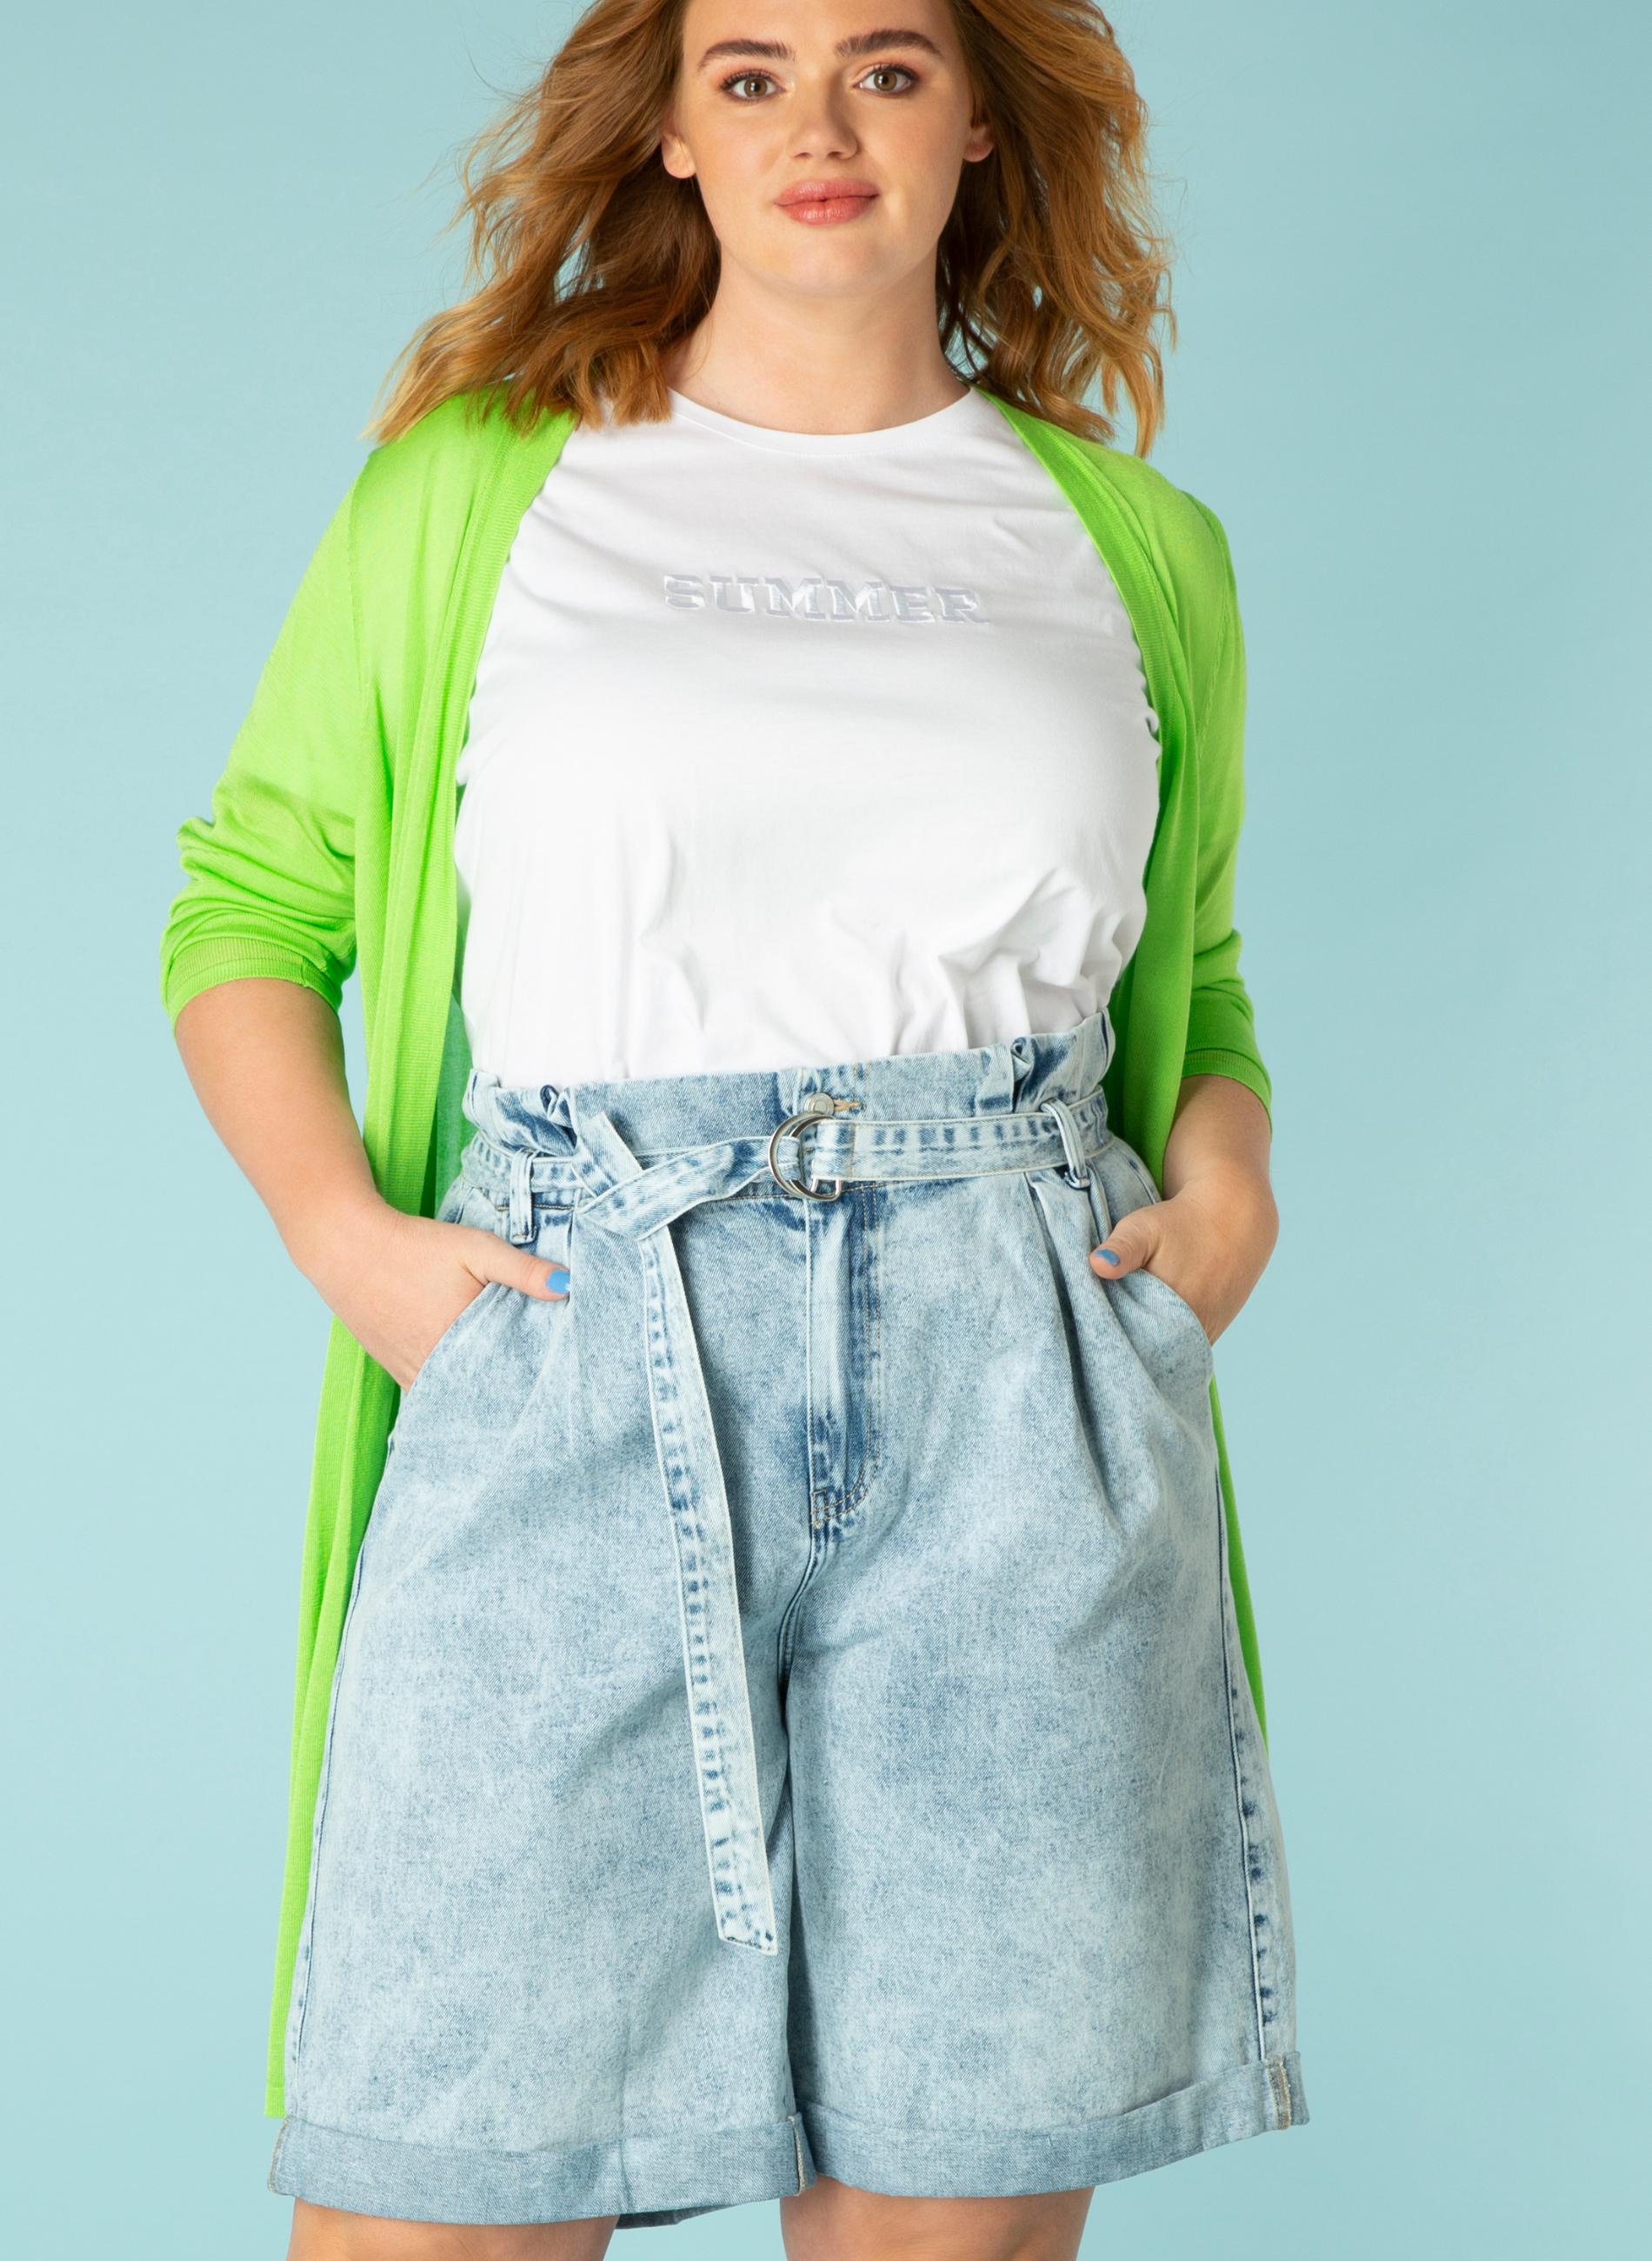 Yesta shirt Lavera 74 cm